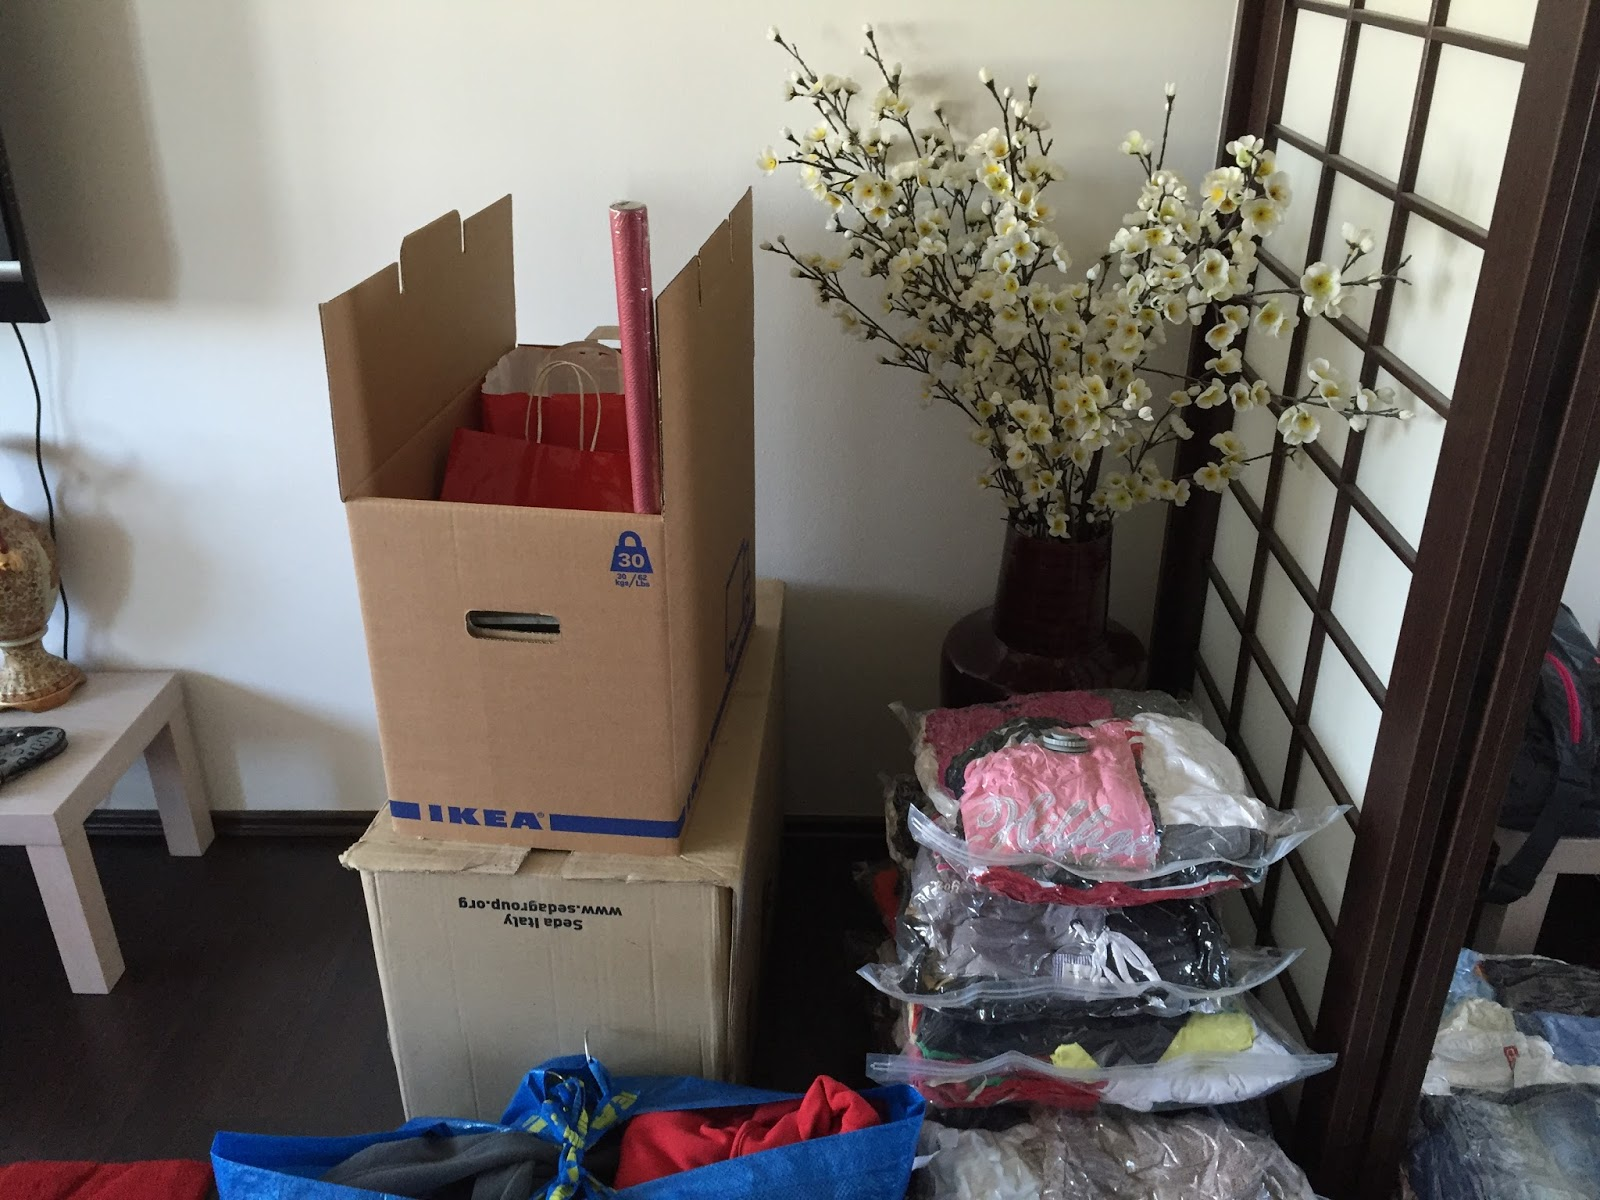 krabice na stěhování Ikea a Space bag